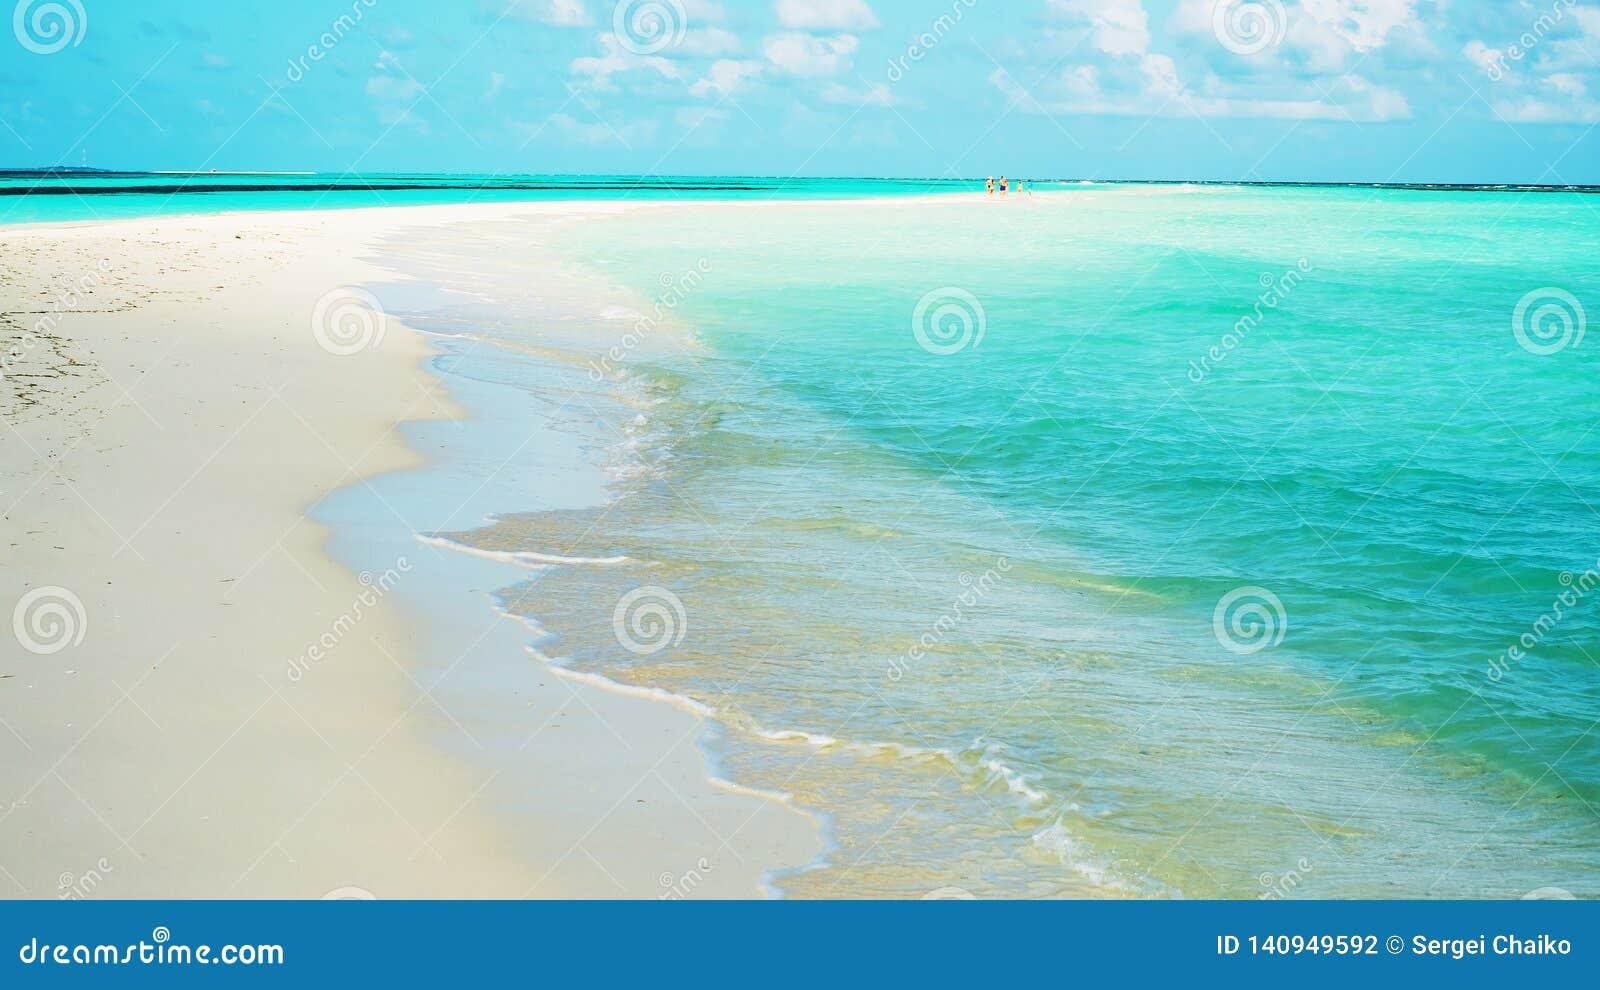 La barra di sabbia compare a bassa marea sull isola Lhaviyani, Maldive